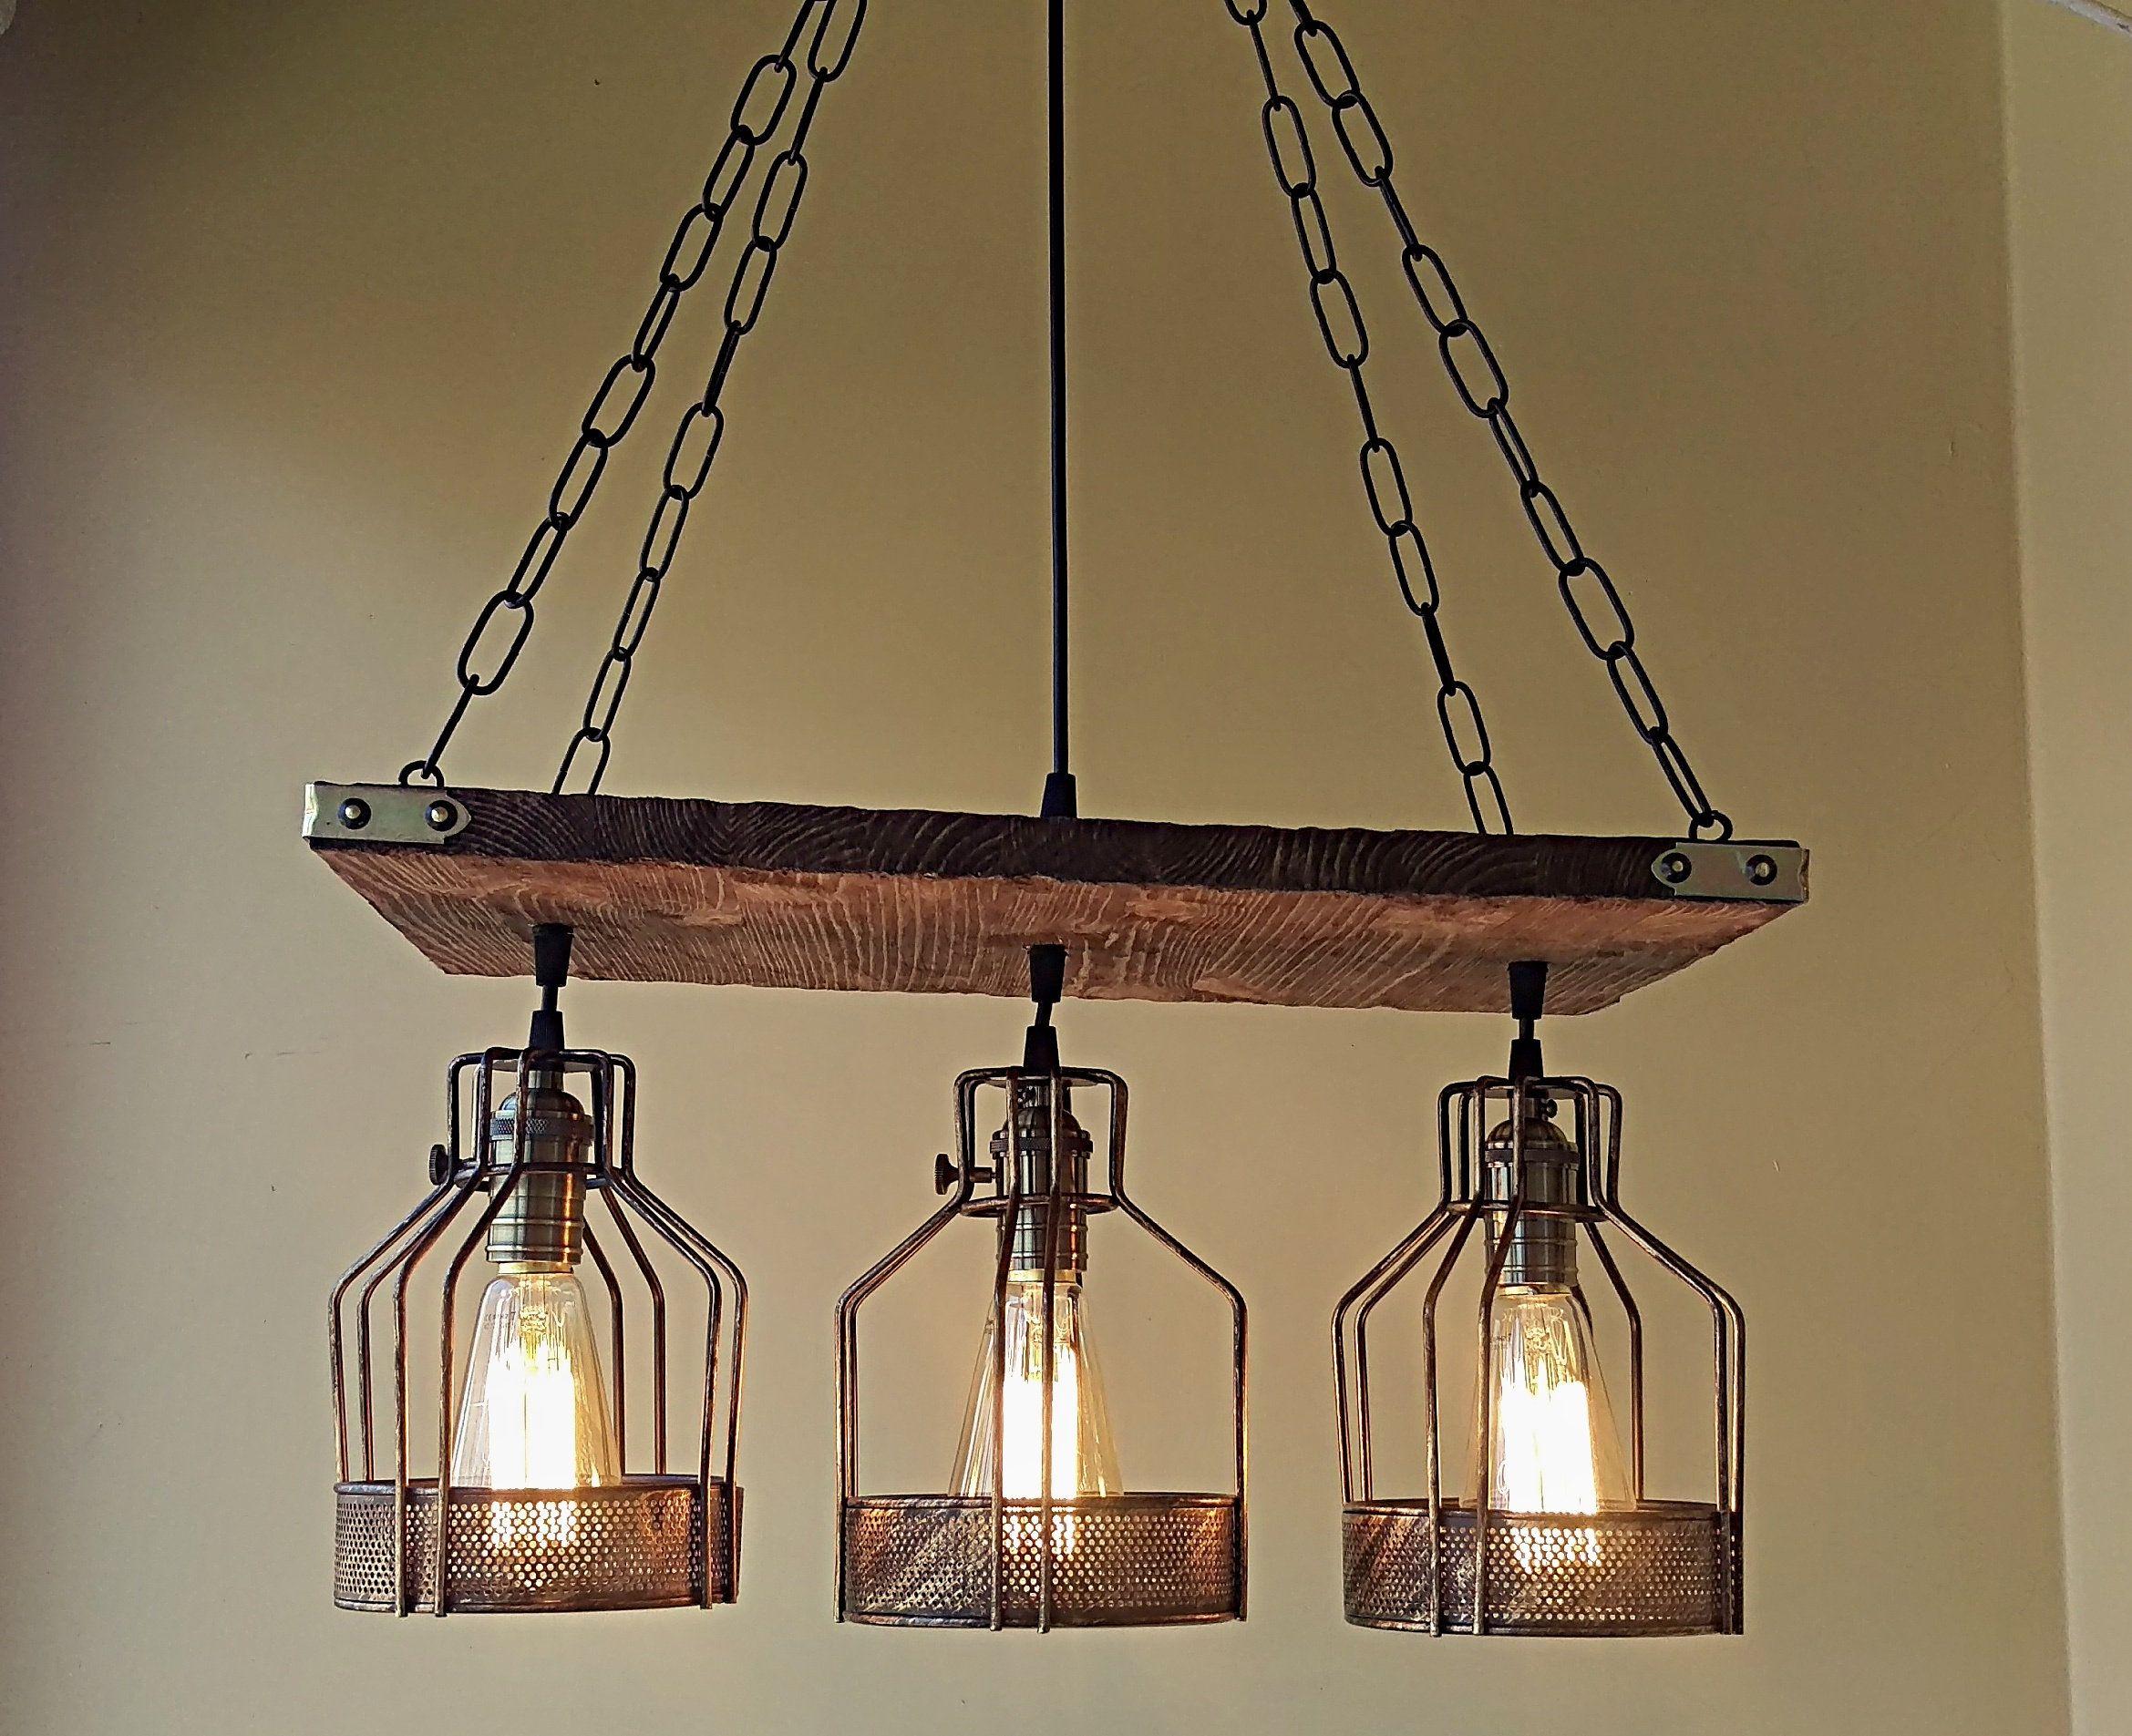 Ceiling aged wood pendant lighting rustic handmade pendant lights